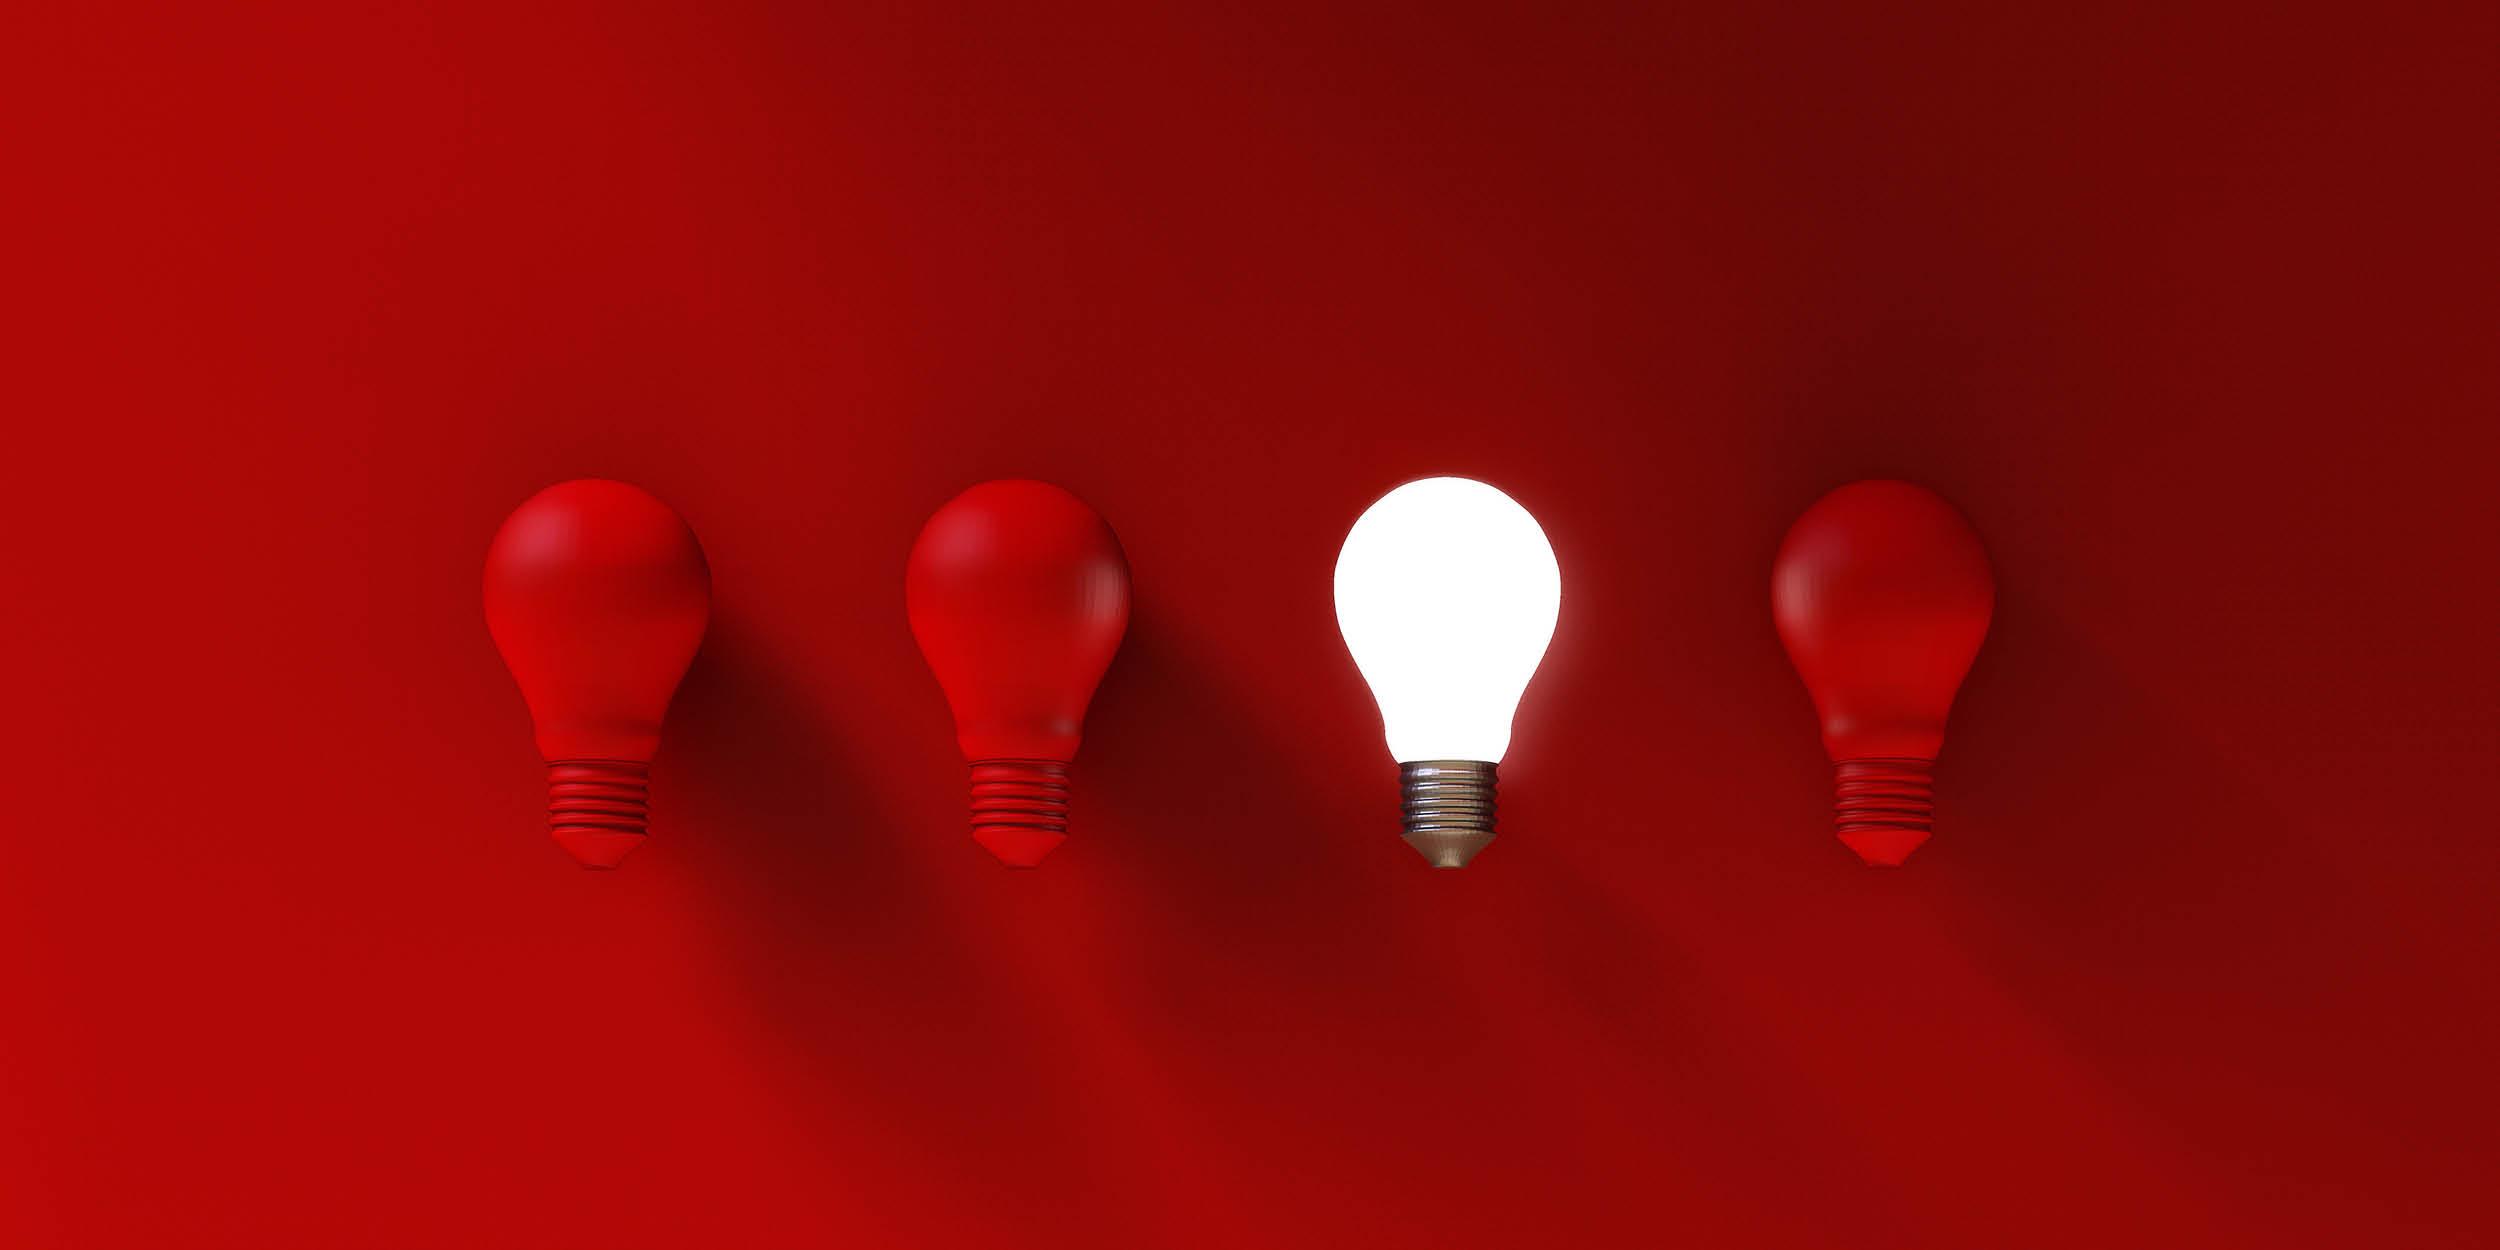 Red lightbulbs